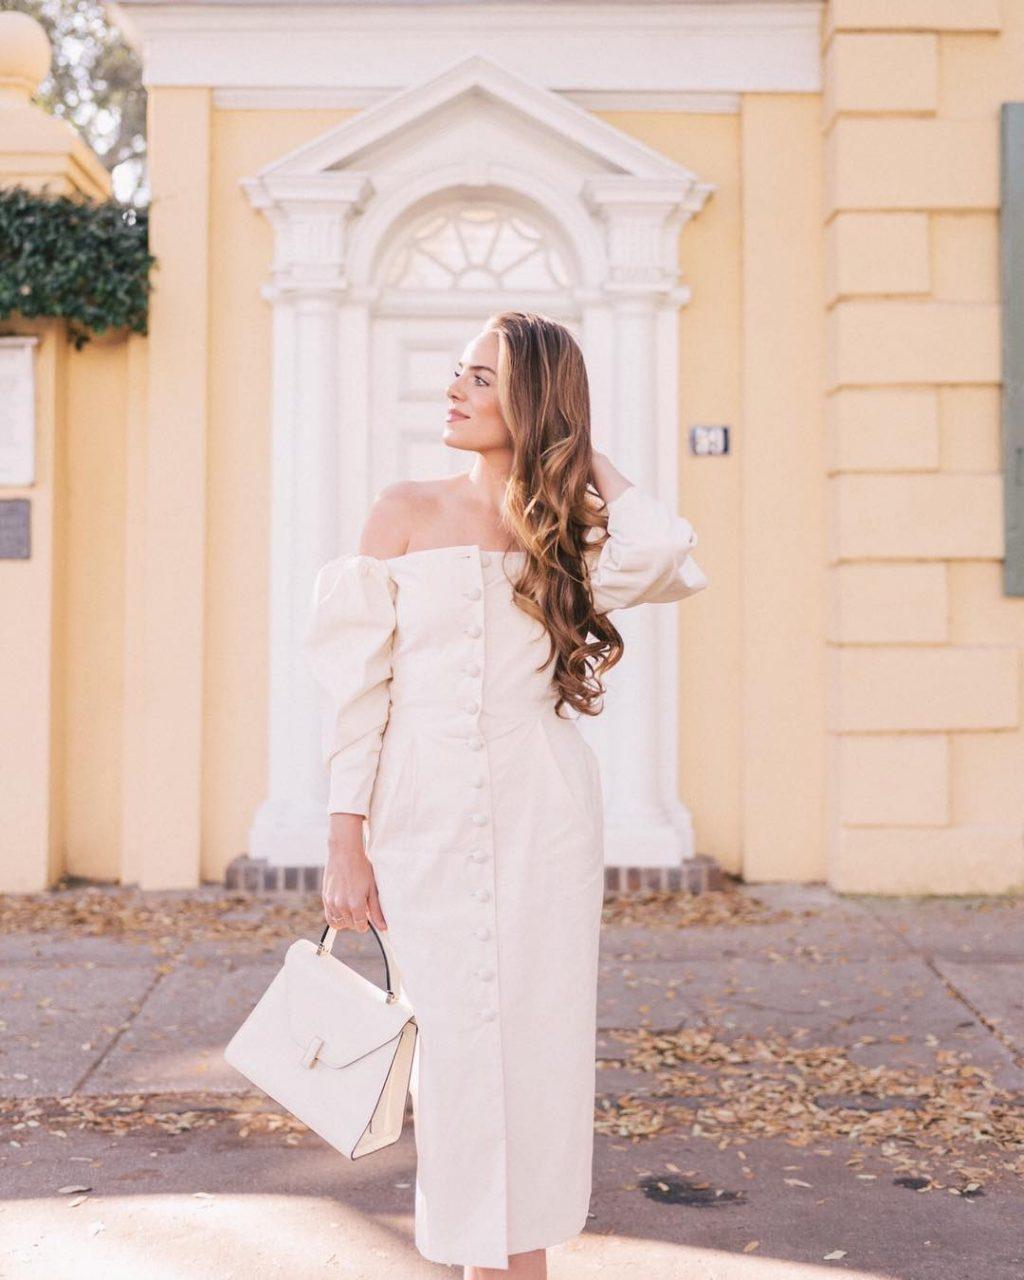 Học bí quyết chọn váy đầm đẹp phù hợp với từng vóc dáng cơ thể 3